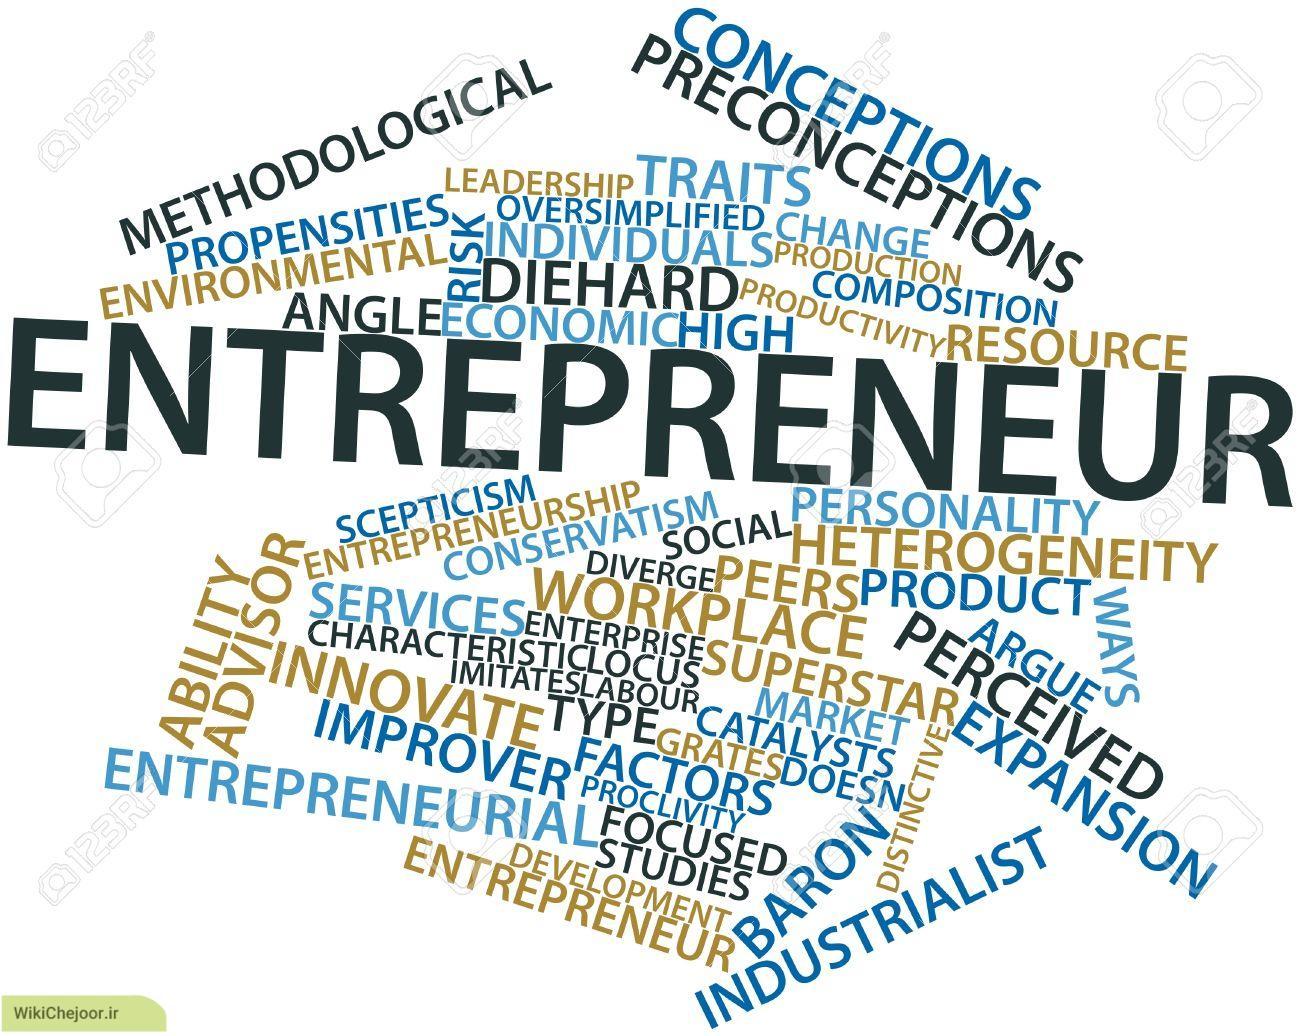 چگونه به نقش کارآفرینان در توسعه تجارت و تکنولوژی پی ببریم؟